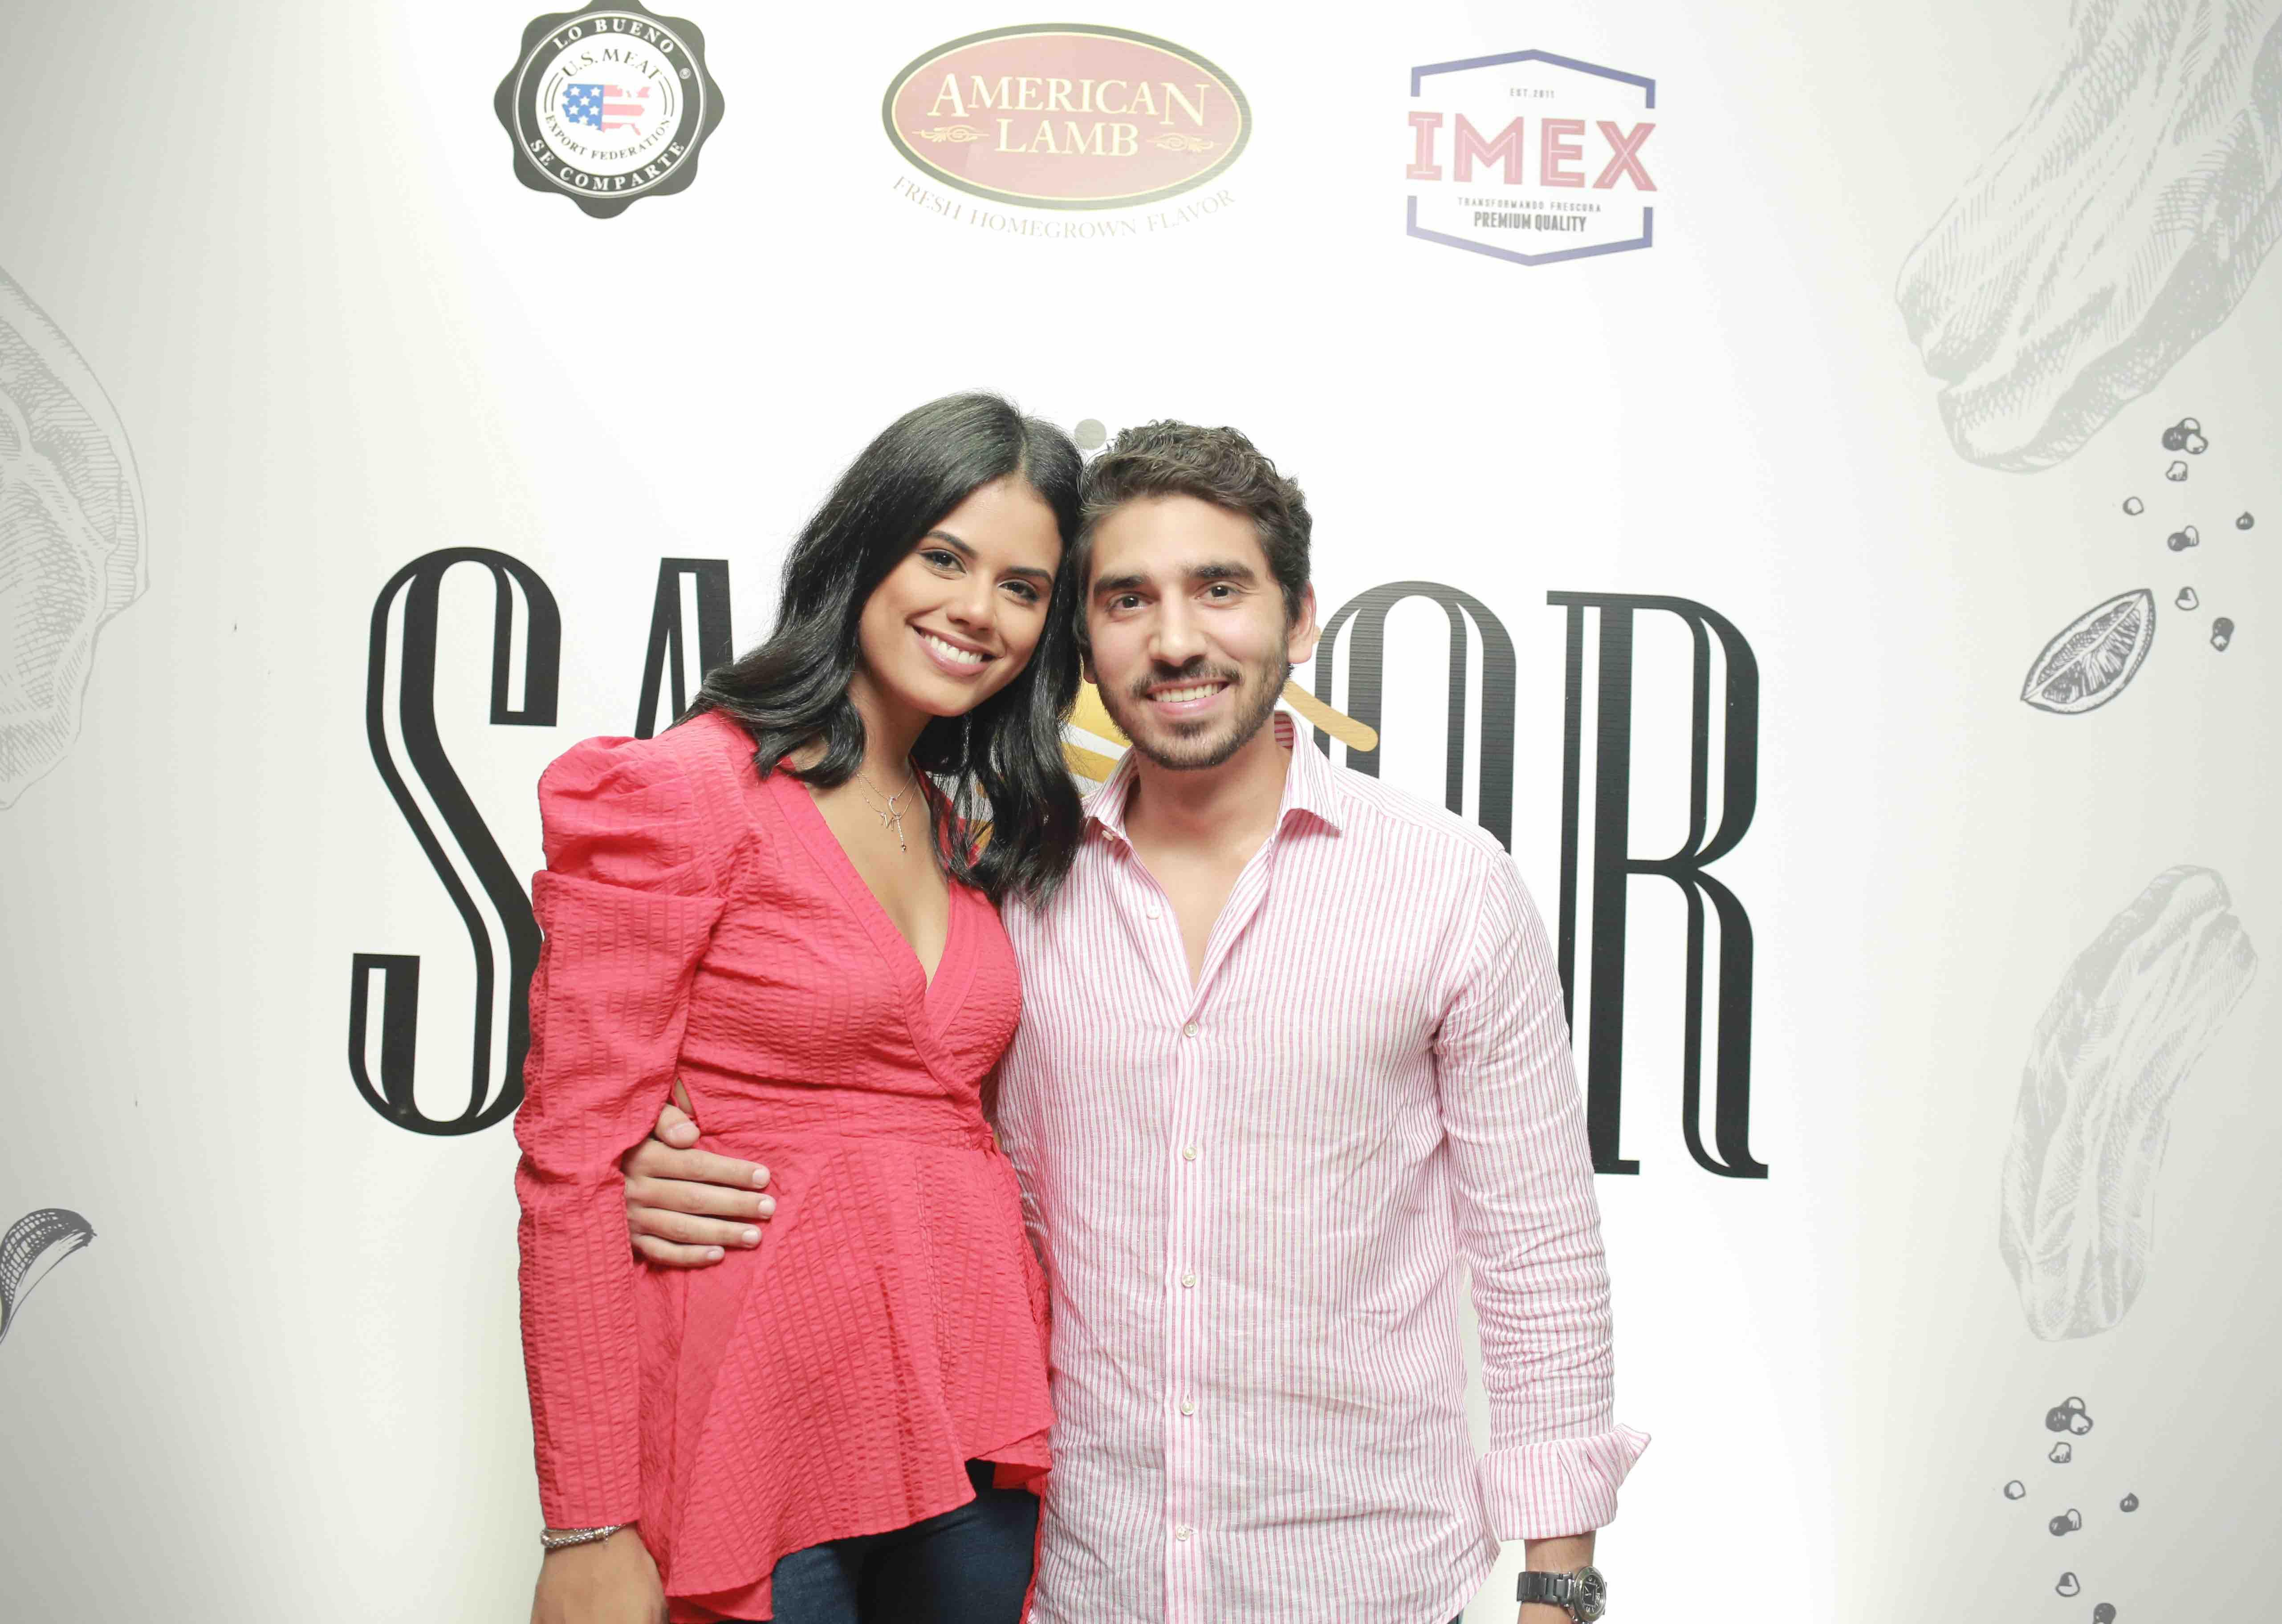 4. Marimar Cabrera & Fernando Valdez